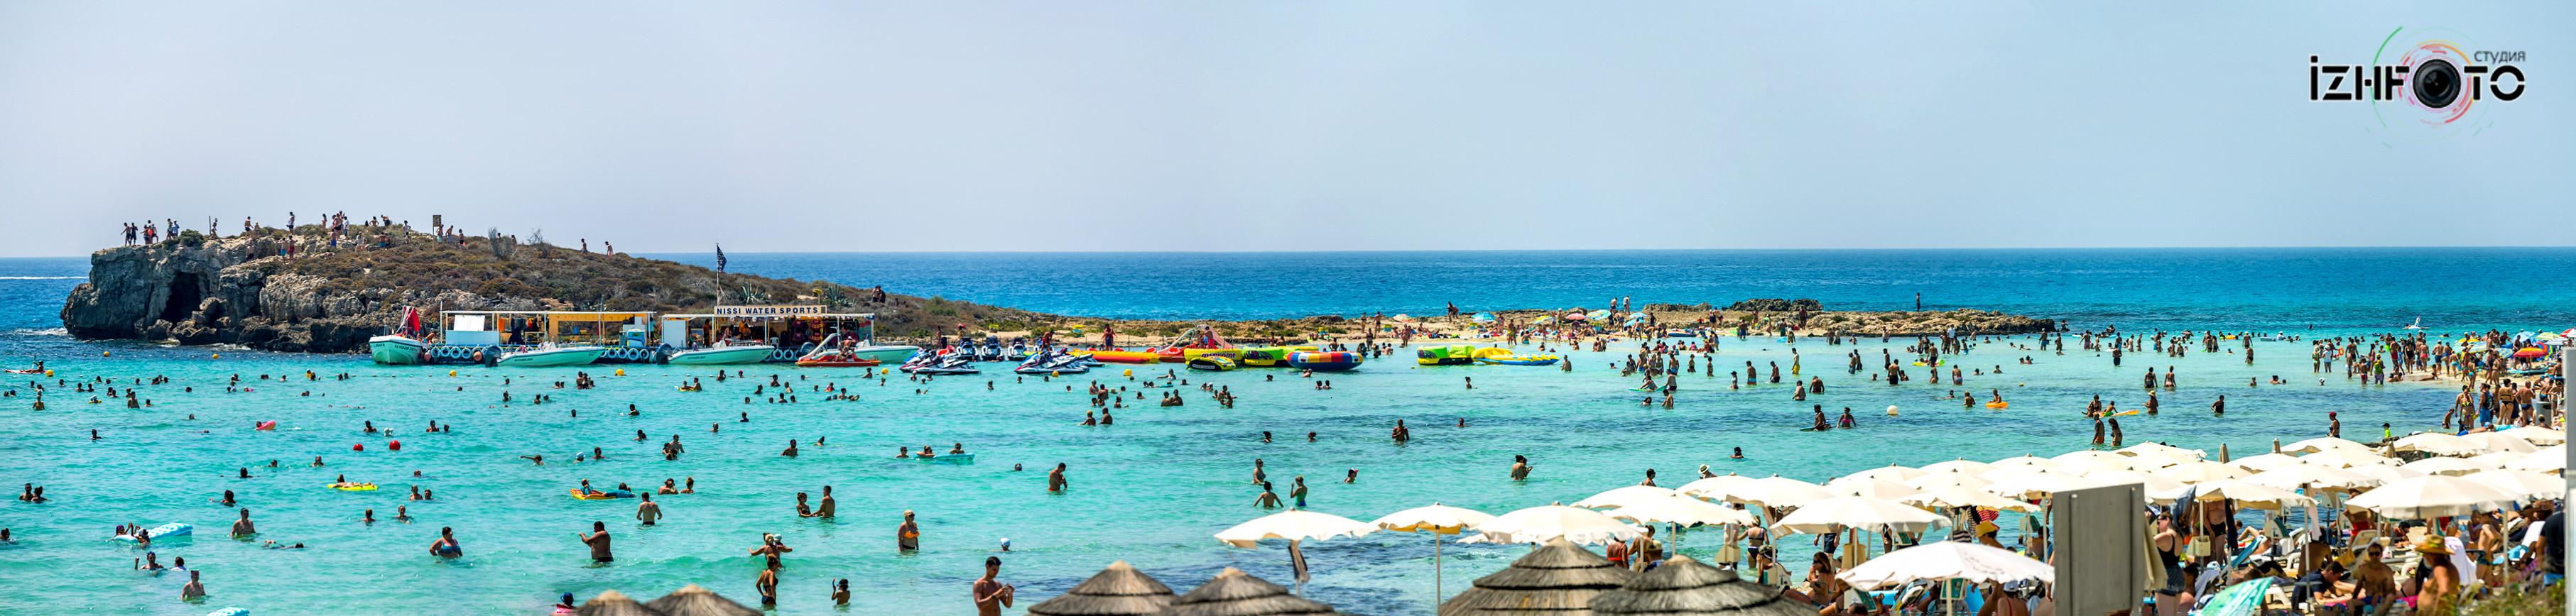 Пляж Нисси Айя Напа Панорама Фото